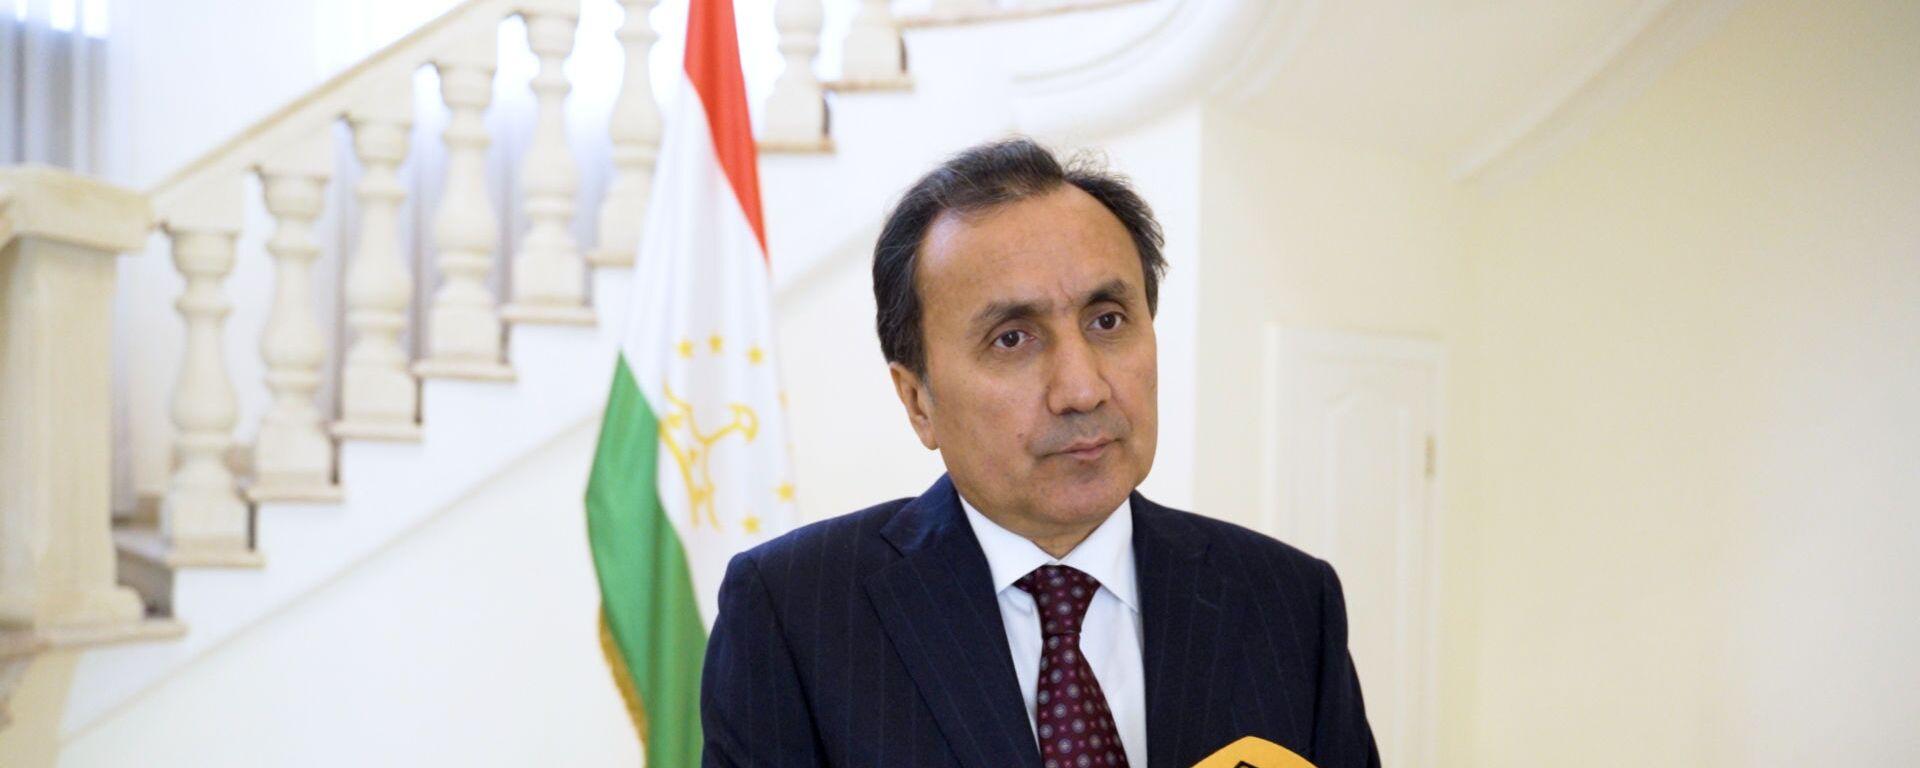 Посол Республики Таджикистан в РФ Имомуддин Сатторов - Sputnik Тоҷикистон, 1920, 15.06.2021